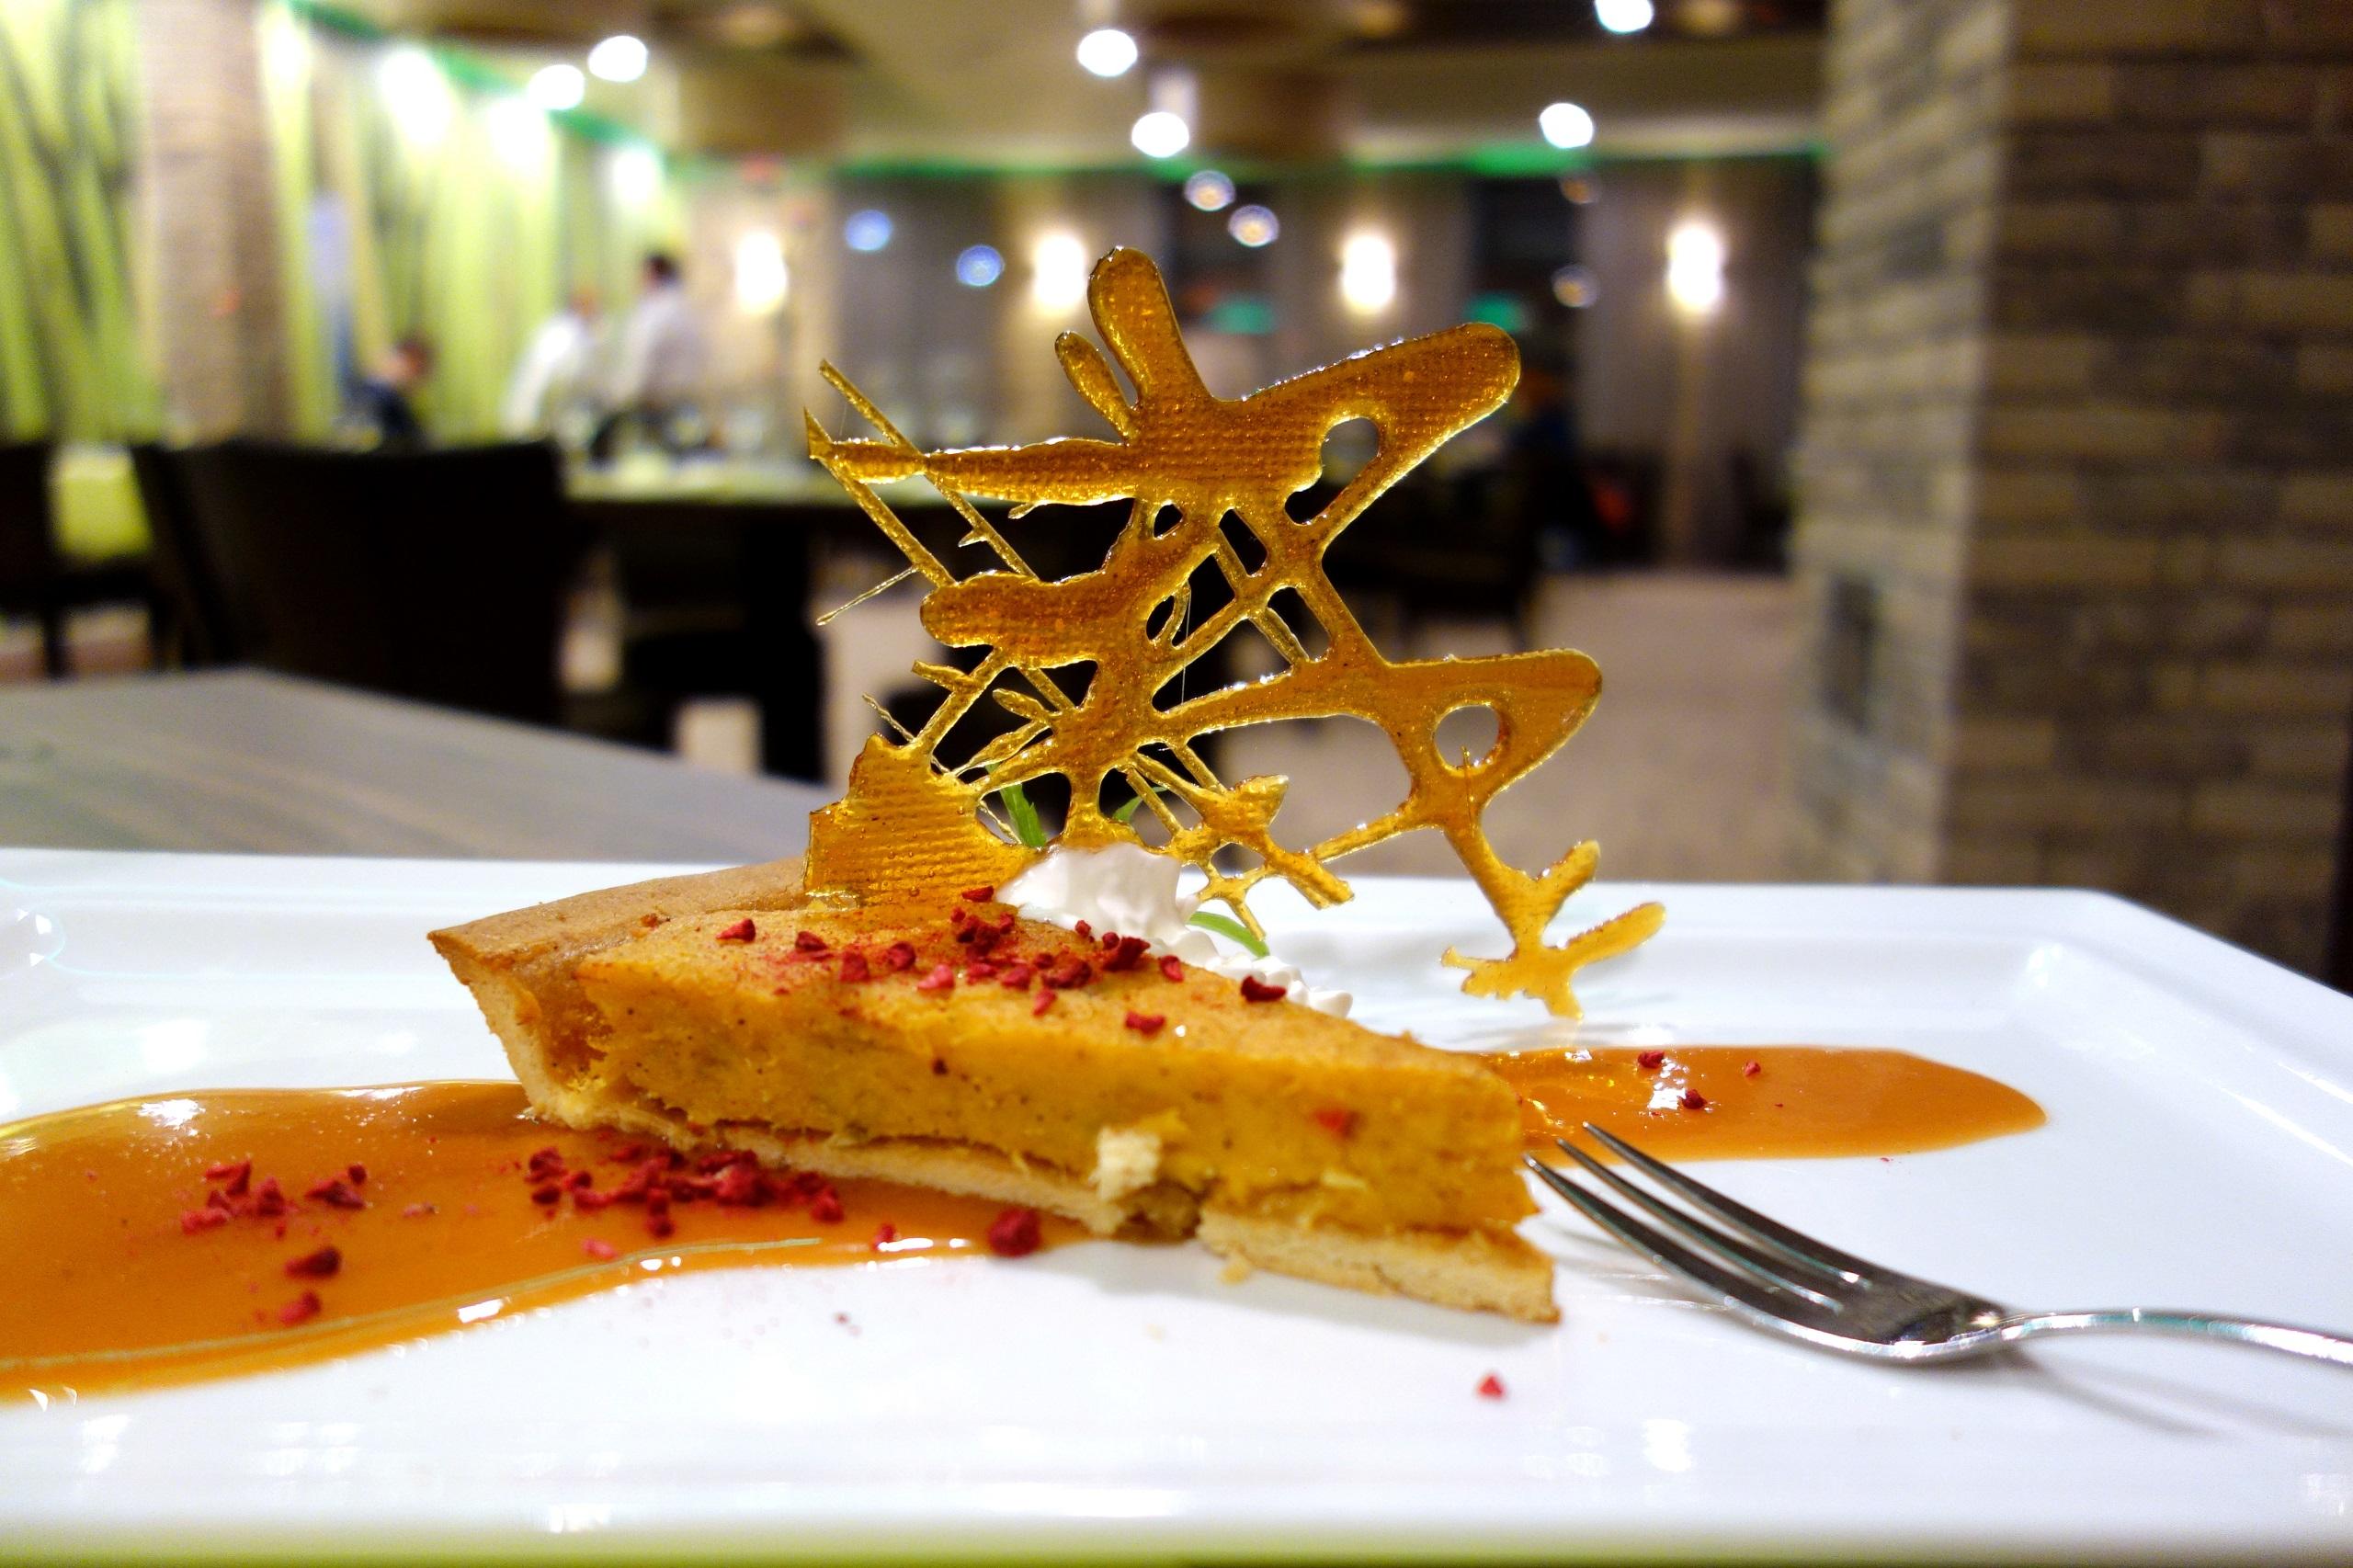 Restauracja Tatarak, Suwałki - przykładowy deser